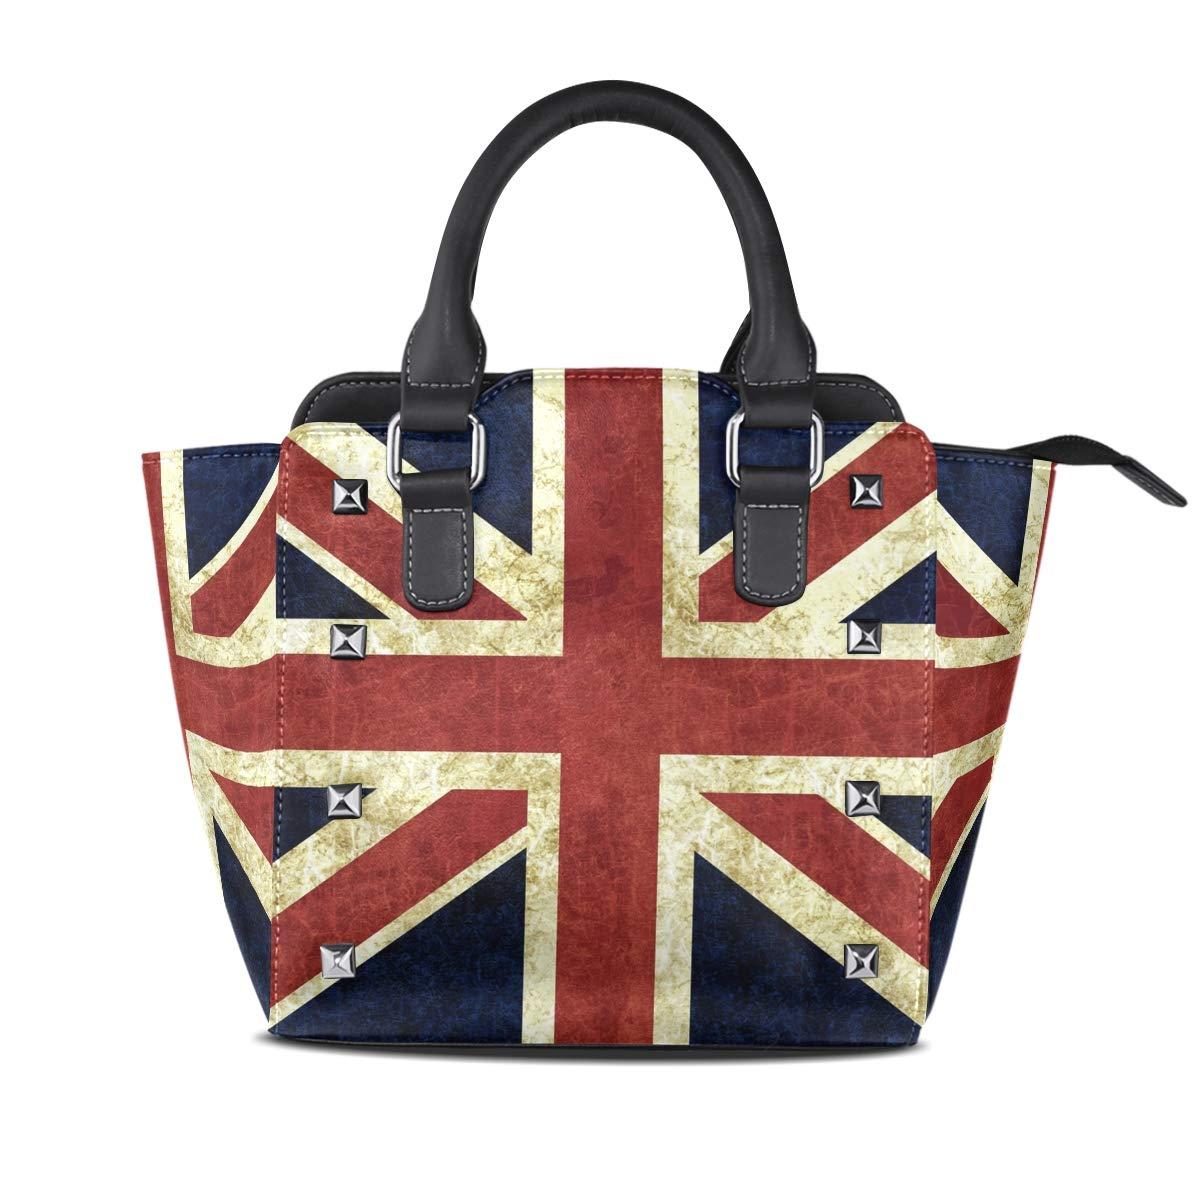 Design3 Handbag Black Leopard Genuine Leather Tote Rivet Bag Shoulder Strap Top Handle Women